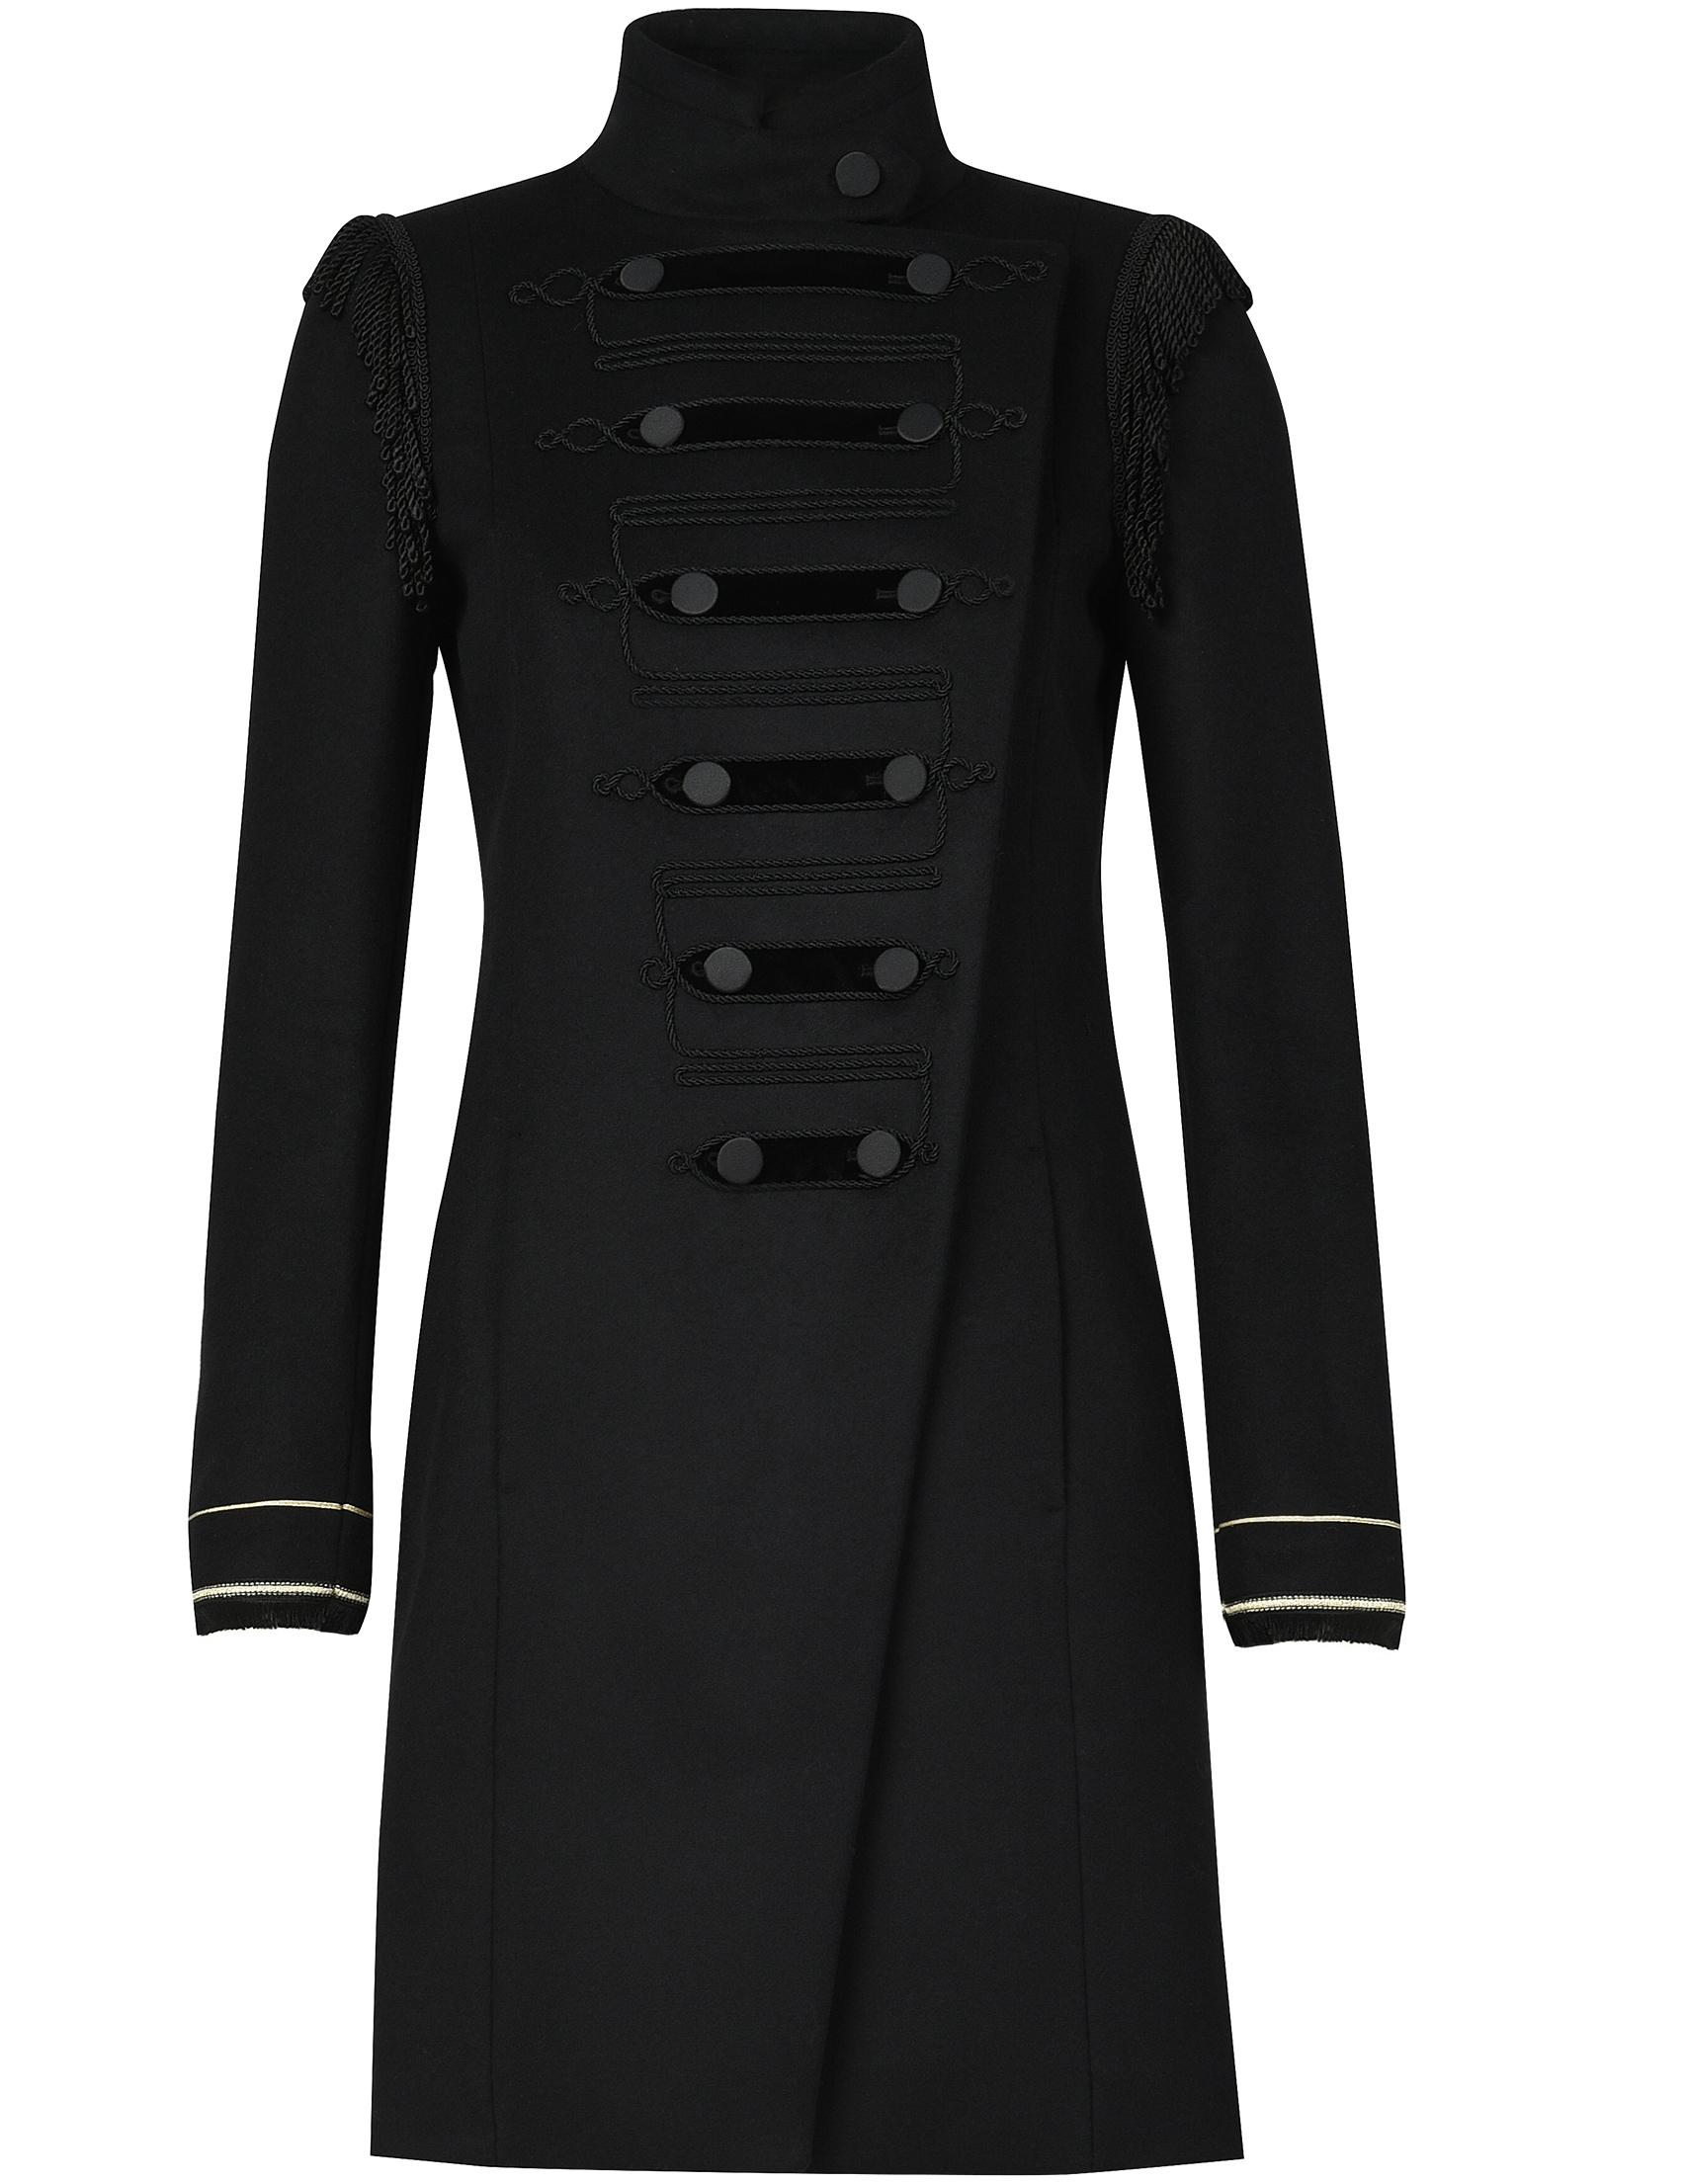 Купить Пальто, PATRIZIA PEPE, Черный, 75%Шерсть 25%Полиамид, Осень-Зима